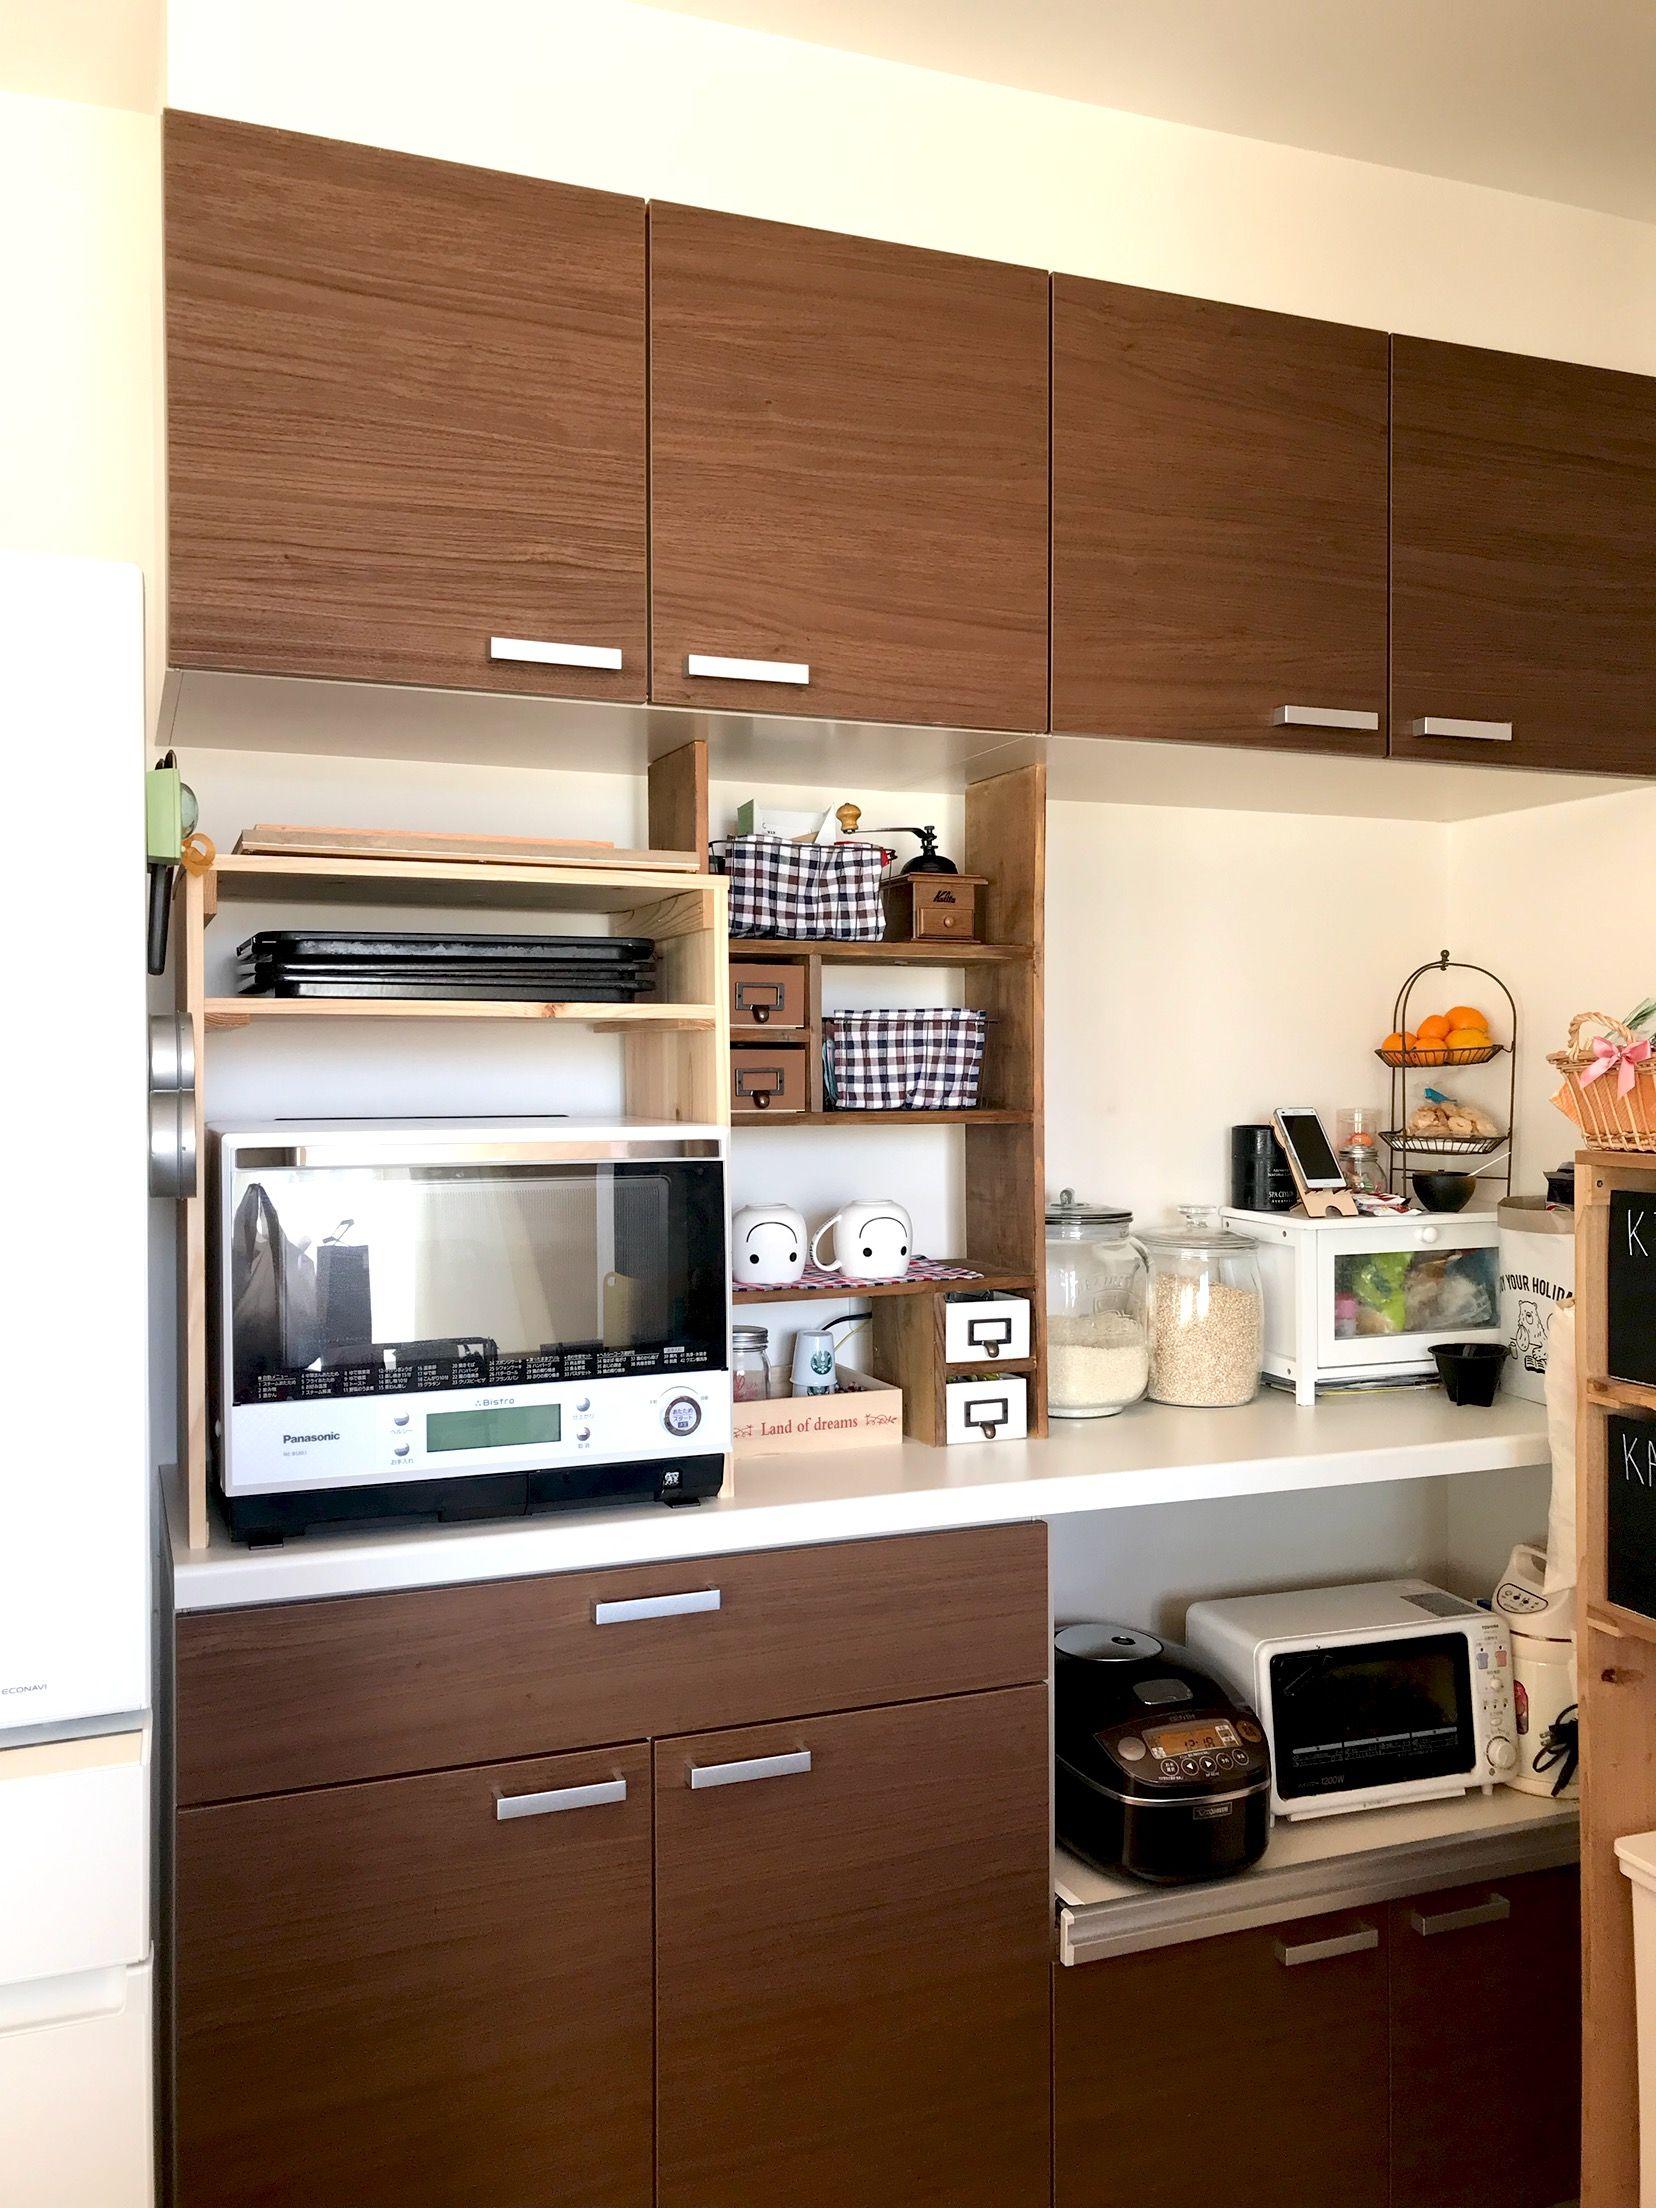 オーブンの上にも収納出来る オーブンレンジラック Diyレシピ キッチン Diy インテリア 収納 インテリア